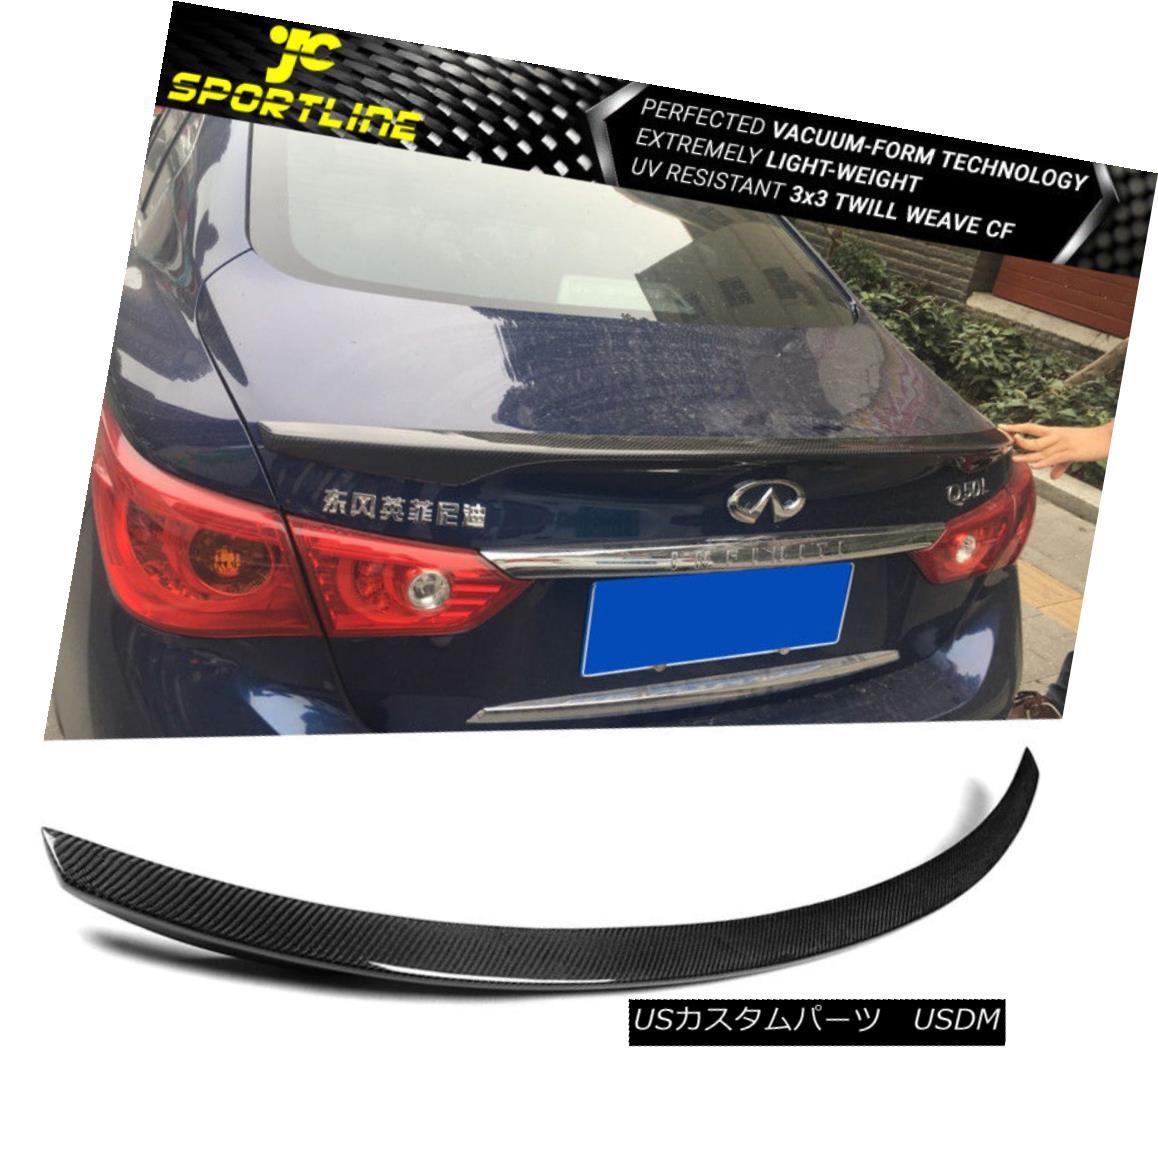 エアロパーツ Fits 14-18 Infiniti Q50 OE Style Trunk Spoiler Wing Carbon Fiber フィット14-18インフィニティQ50 OEスタイルトランクスポイラーウィング炭素繊維